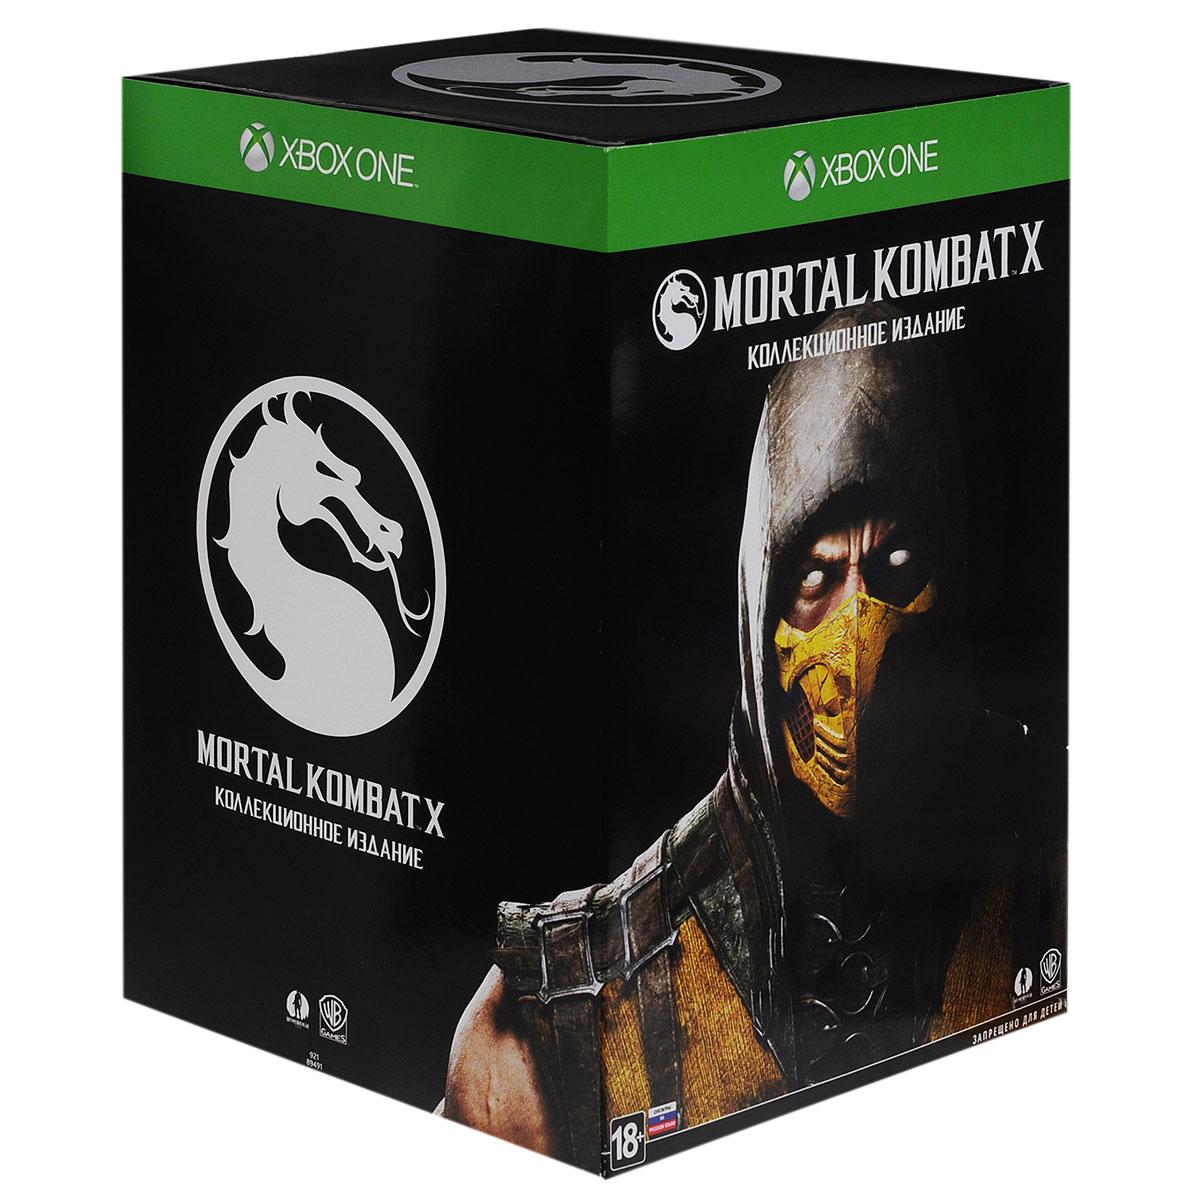 Mortal Kombat XMortal Kombat X – файтинг нового поколения и очередная глава легендарной серии от знаменитой студии NetherRealm Studios. Разработчикам удалось создать самый зрелищный и глубокий файтинг в истории Mortal Kombat, в котором жестокие поединки кинематографического качества объединились с новыми геймплейными элементами. Отличительная особенность Mortal Kombat X – постоянное подключение к единому сетевому ресурсу, где каждая победа или поражение будут учитываться в глобальной статистике. Впервые Mortal Kombat X позволит игрокам выбирать одну из форм боя, которой будет следовать любимый персонаж, что гарантирует большое разнообразие в выборе стратегии и стиля каждого поединка. Захватывающая сюжетная кампания познакомит с запутанной историей множества персонажей, среди которых как легендарные бойцы, известные каждому поклоннику файтингов, так и новички, впервые выходящие на смертельную битву. Особенности игры: К знаменитым Скорпиону, Саб-Зиро,...